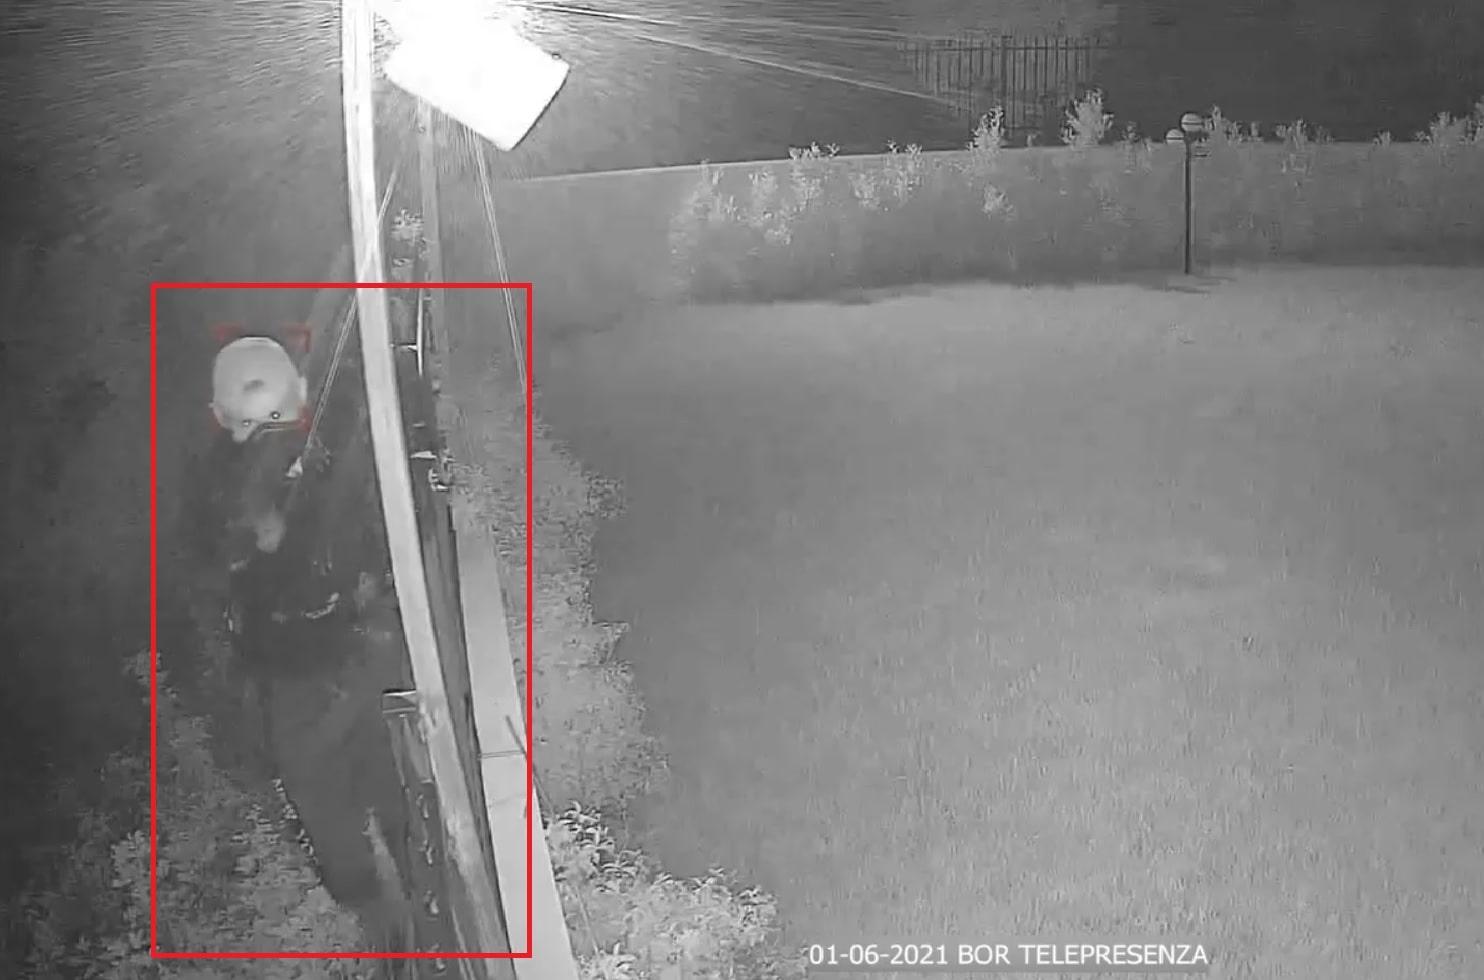 Rapina sventata in villa privata dal Custode Virtuale BOR mentre i proprietari erano in casa